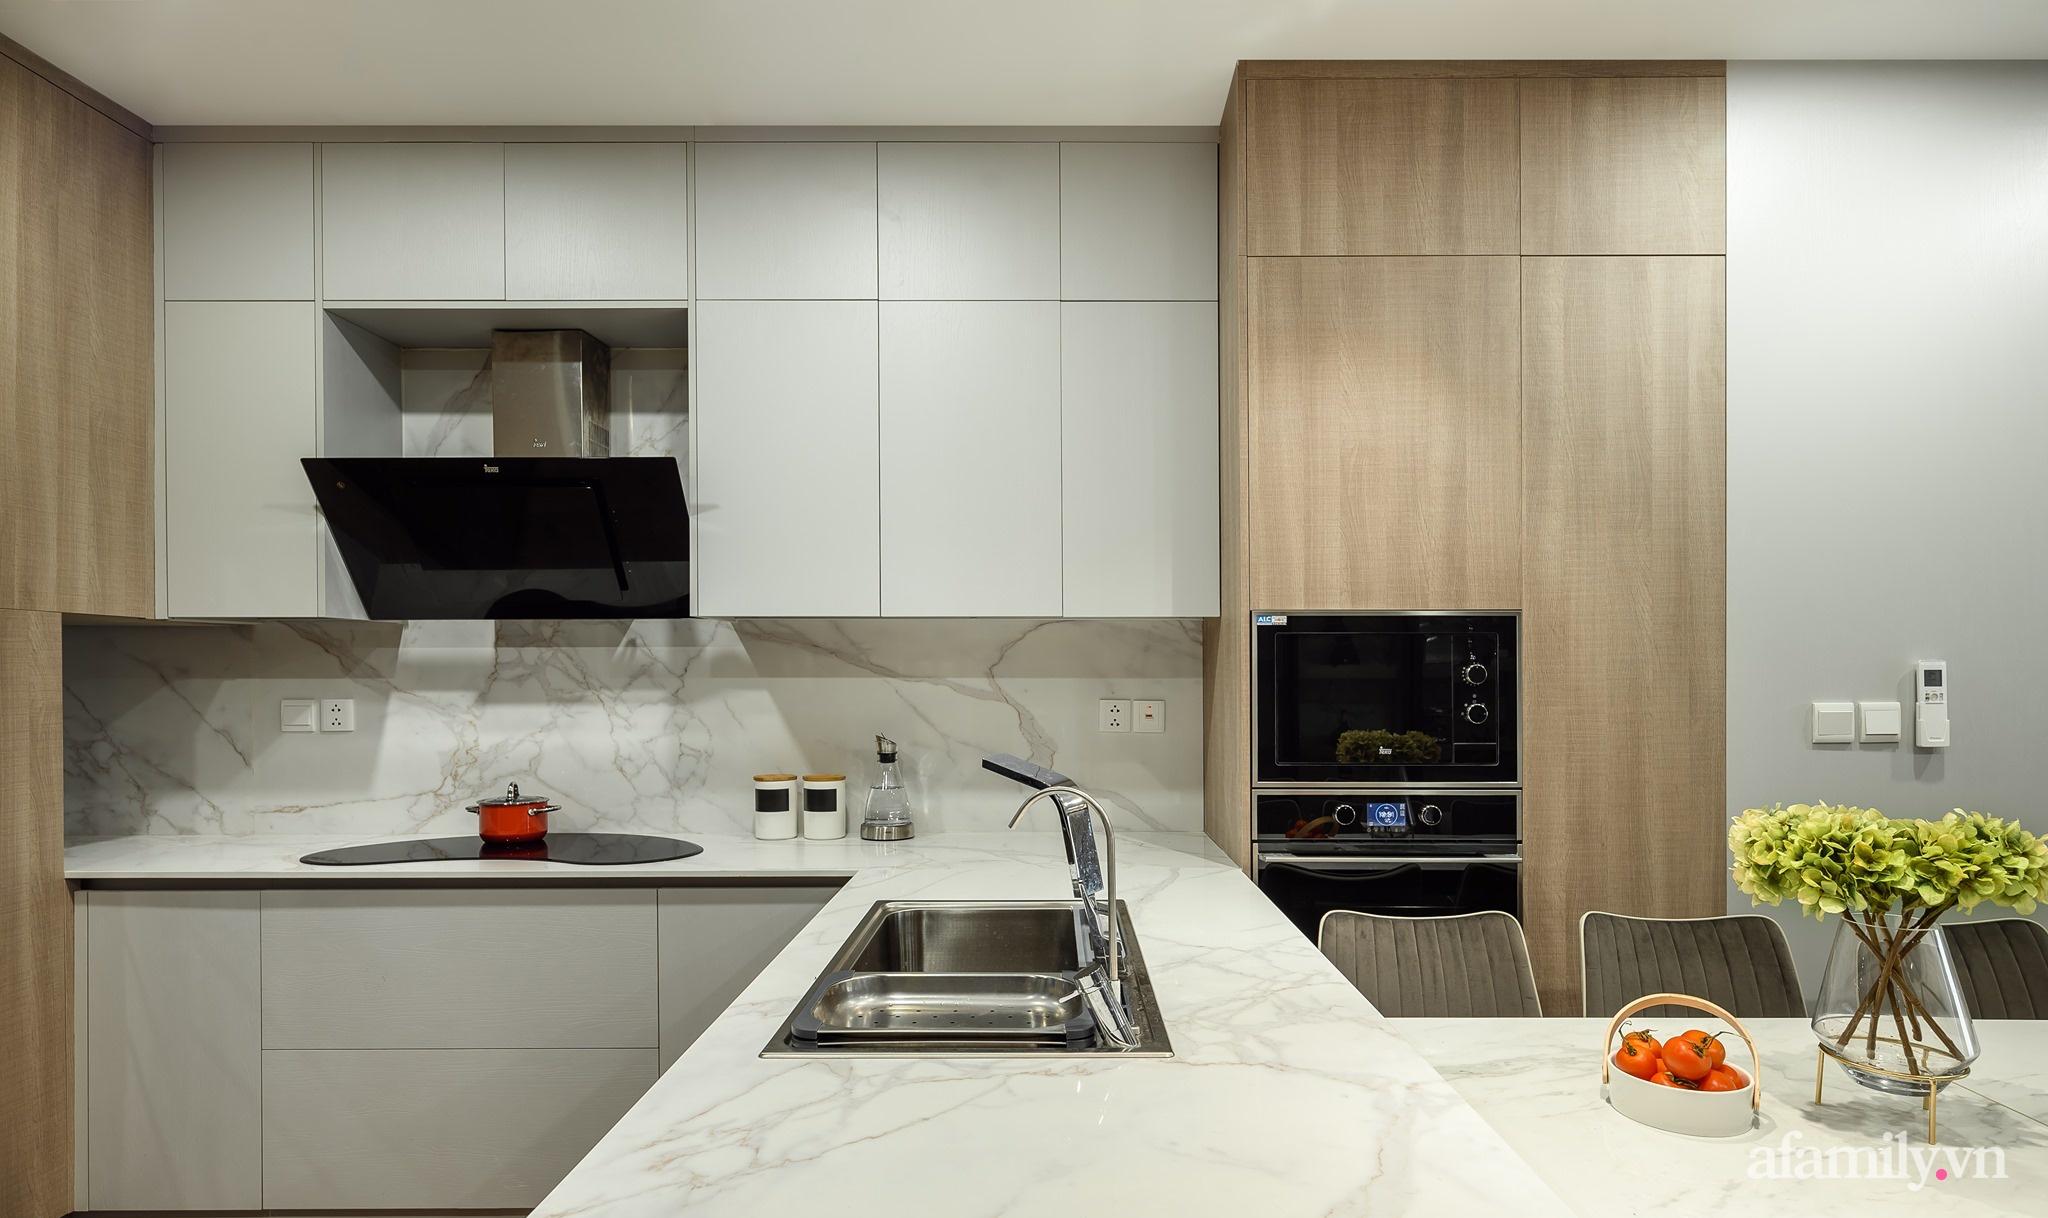 """Kiến trúc sư Hà Nội """"bật mí"""" về tam giác công năng và những điều cần lưu ý khi thiết kế bếp - Ảnh 9."""